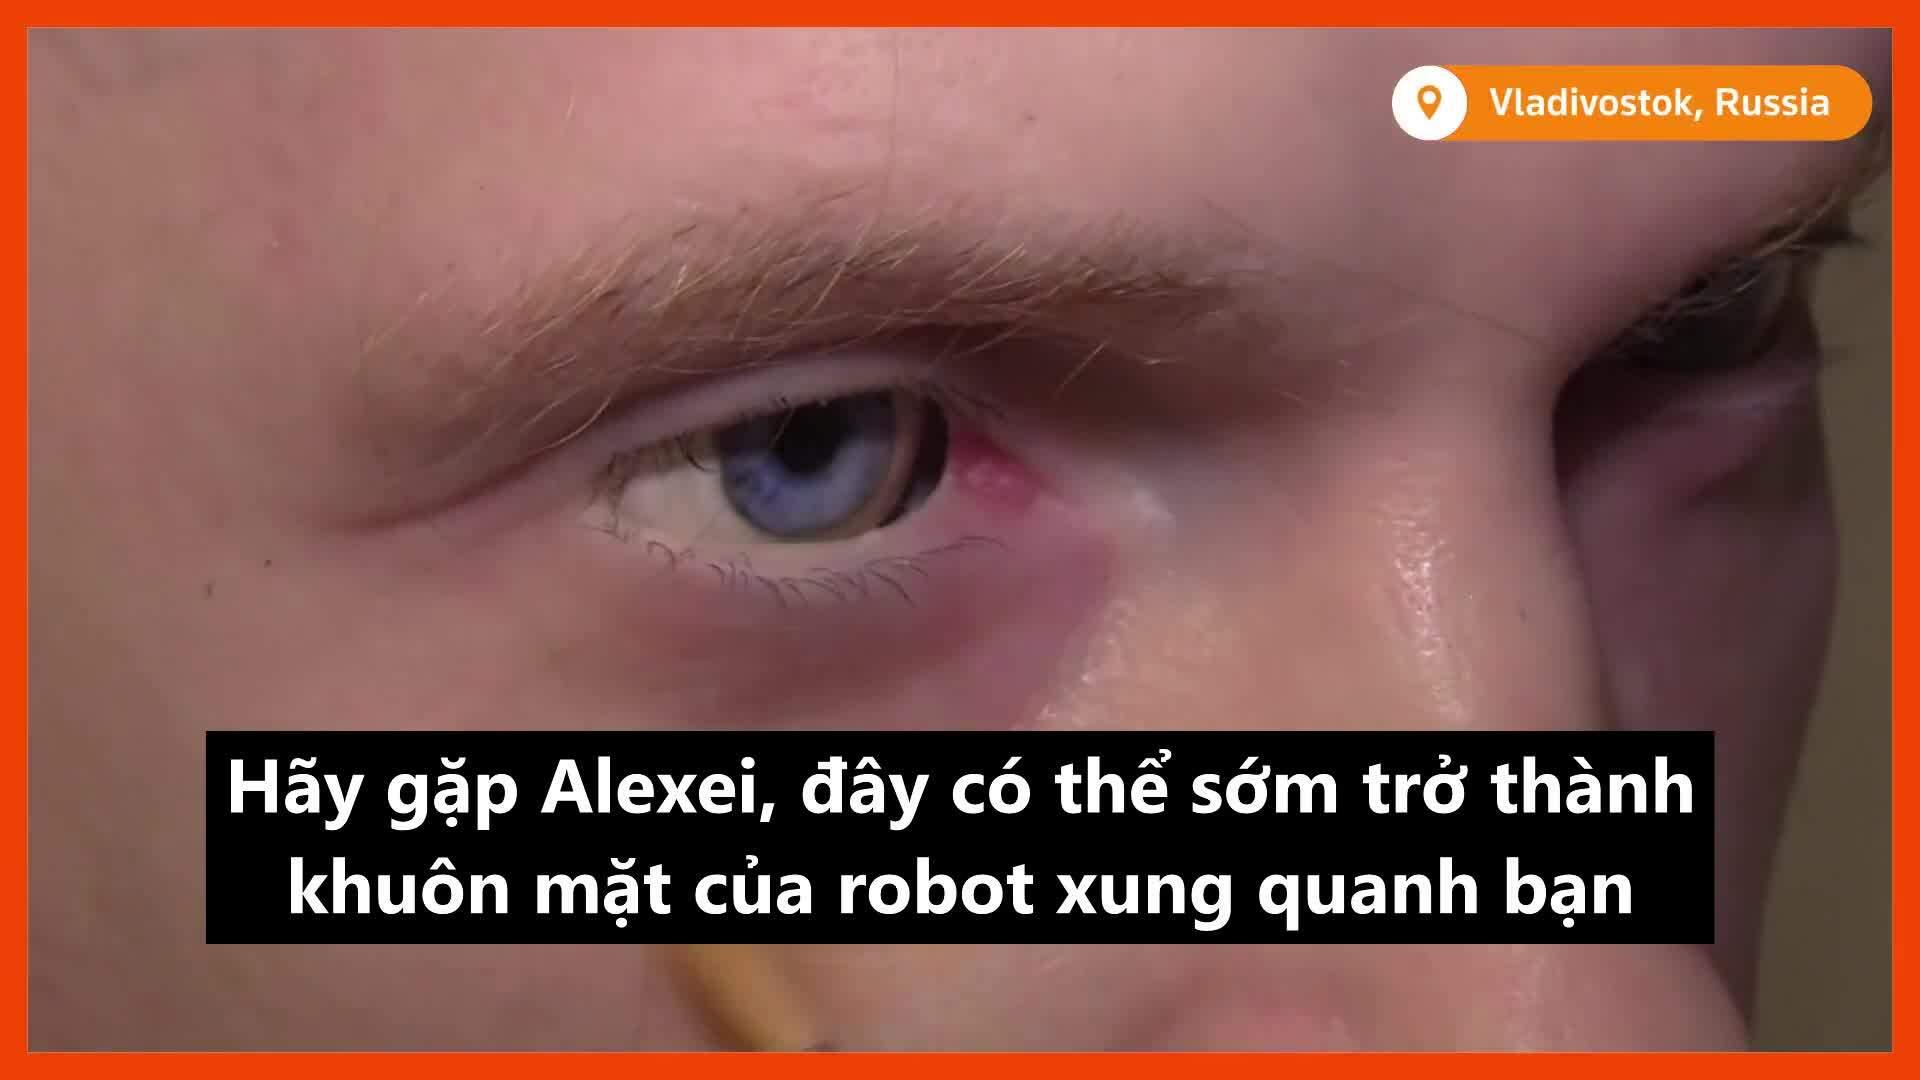 Quá trình chế tạo robot giống hệt người